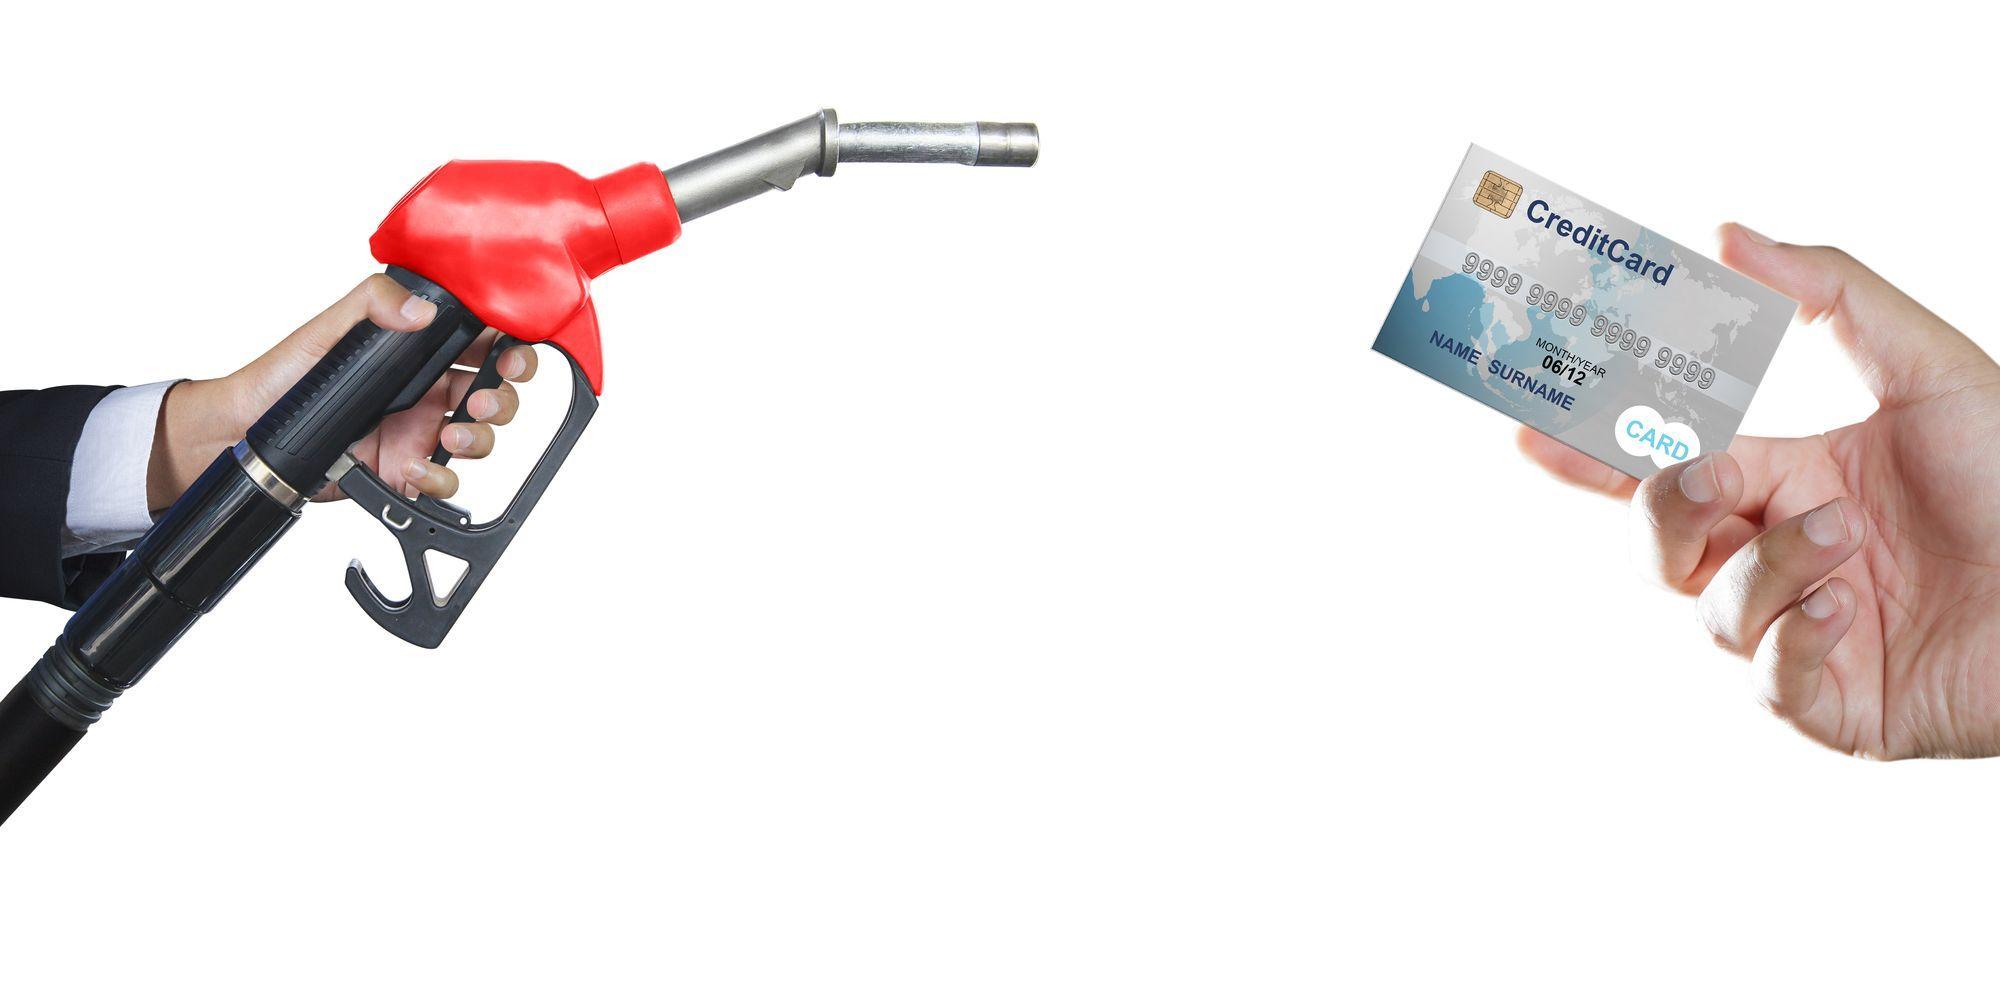 TS CUBIC CARDゴールド、エッソ・モービル・ゼネラルにて2円引き/1リットルのサービスを開始